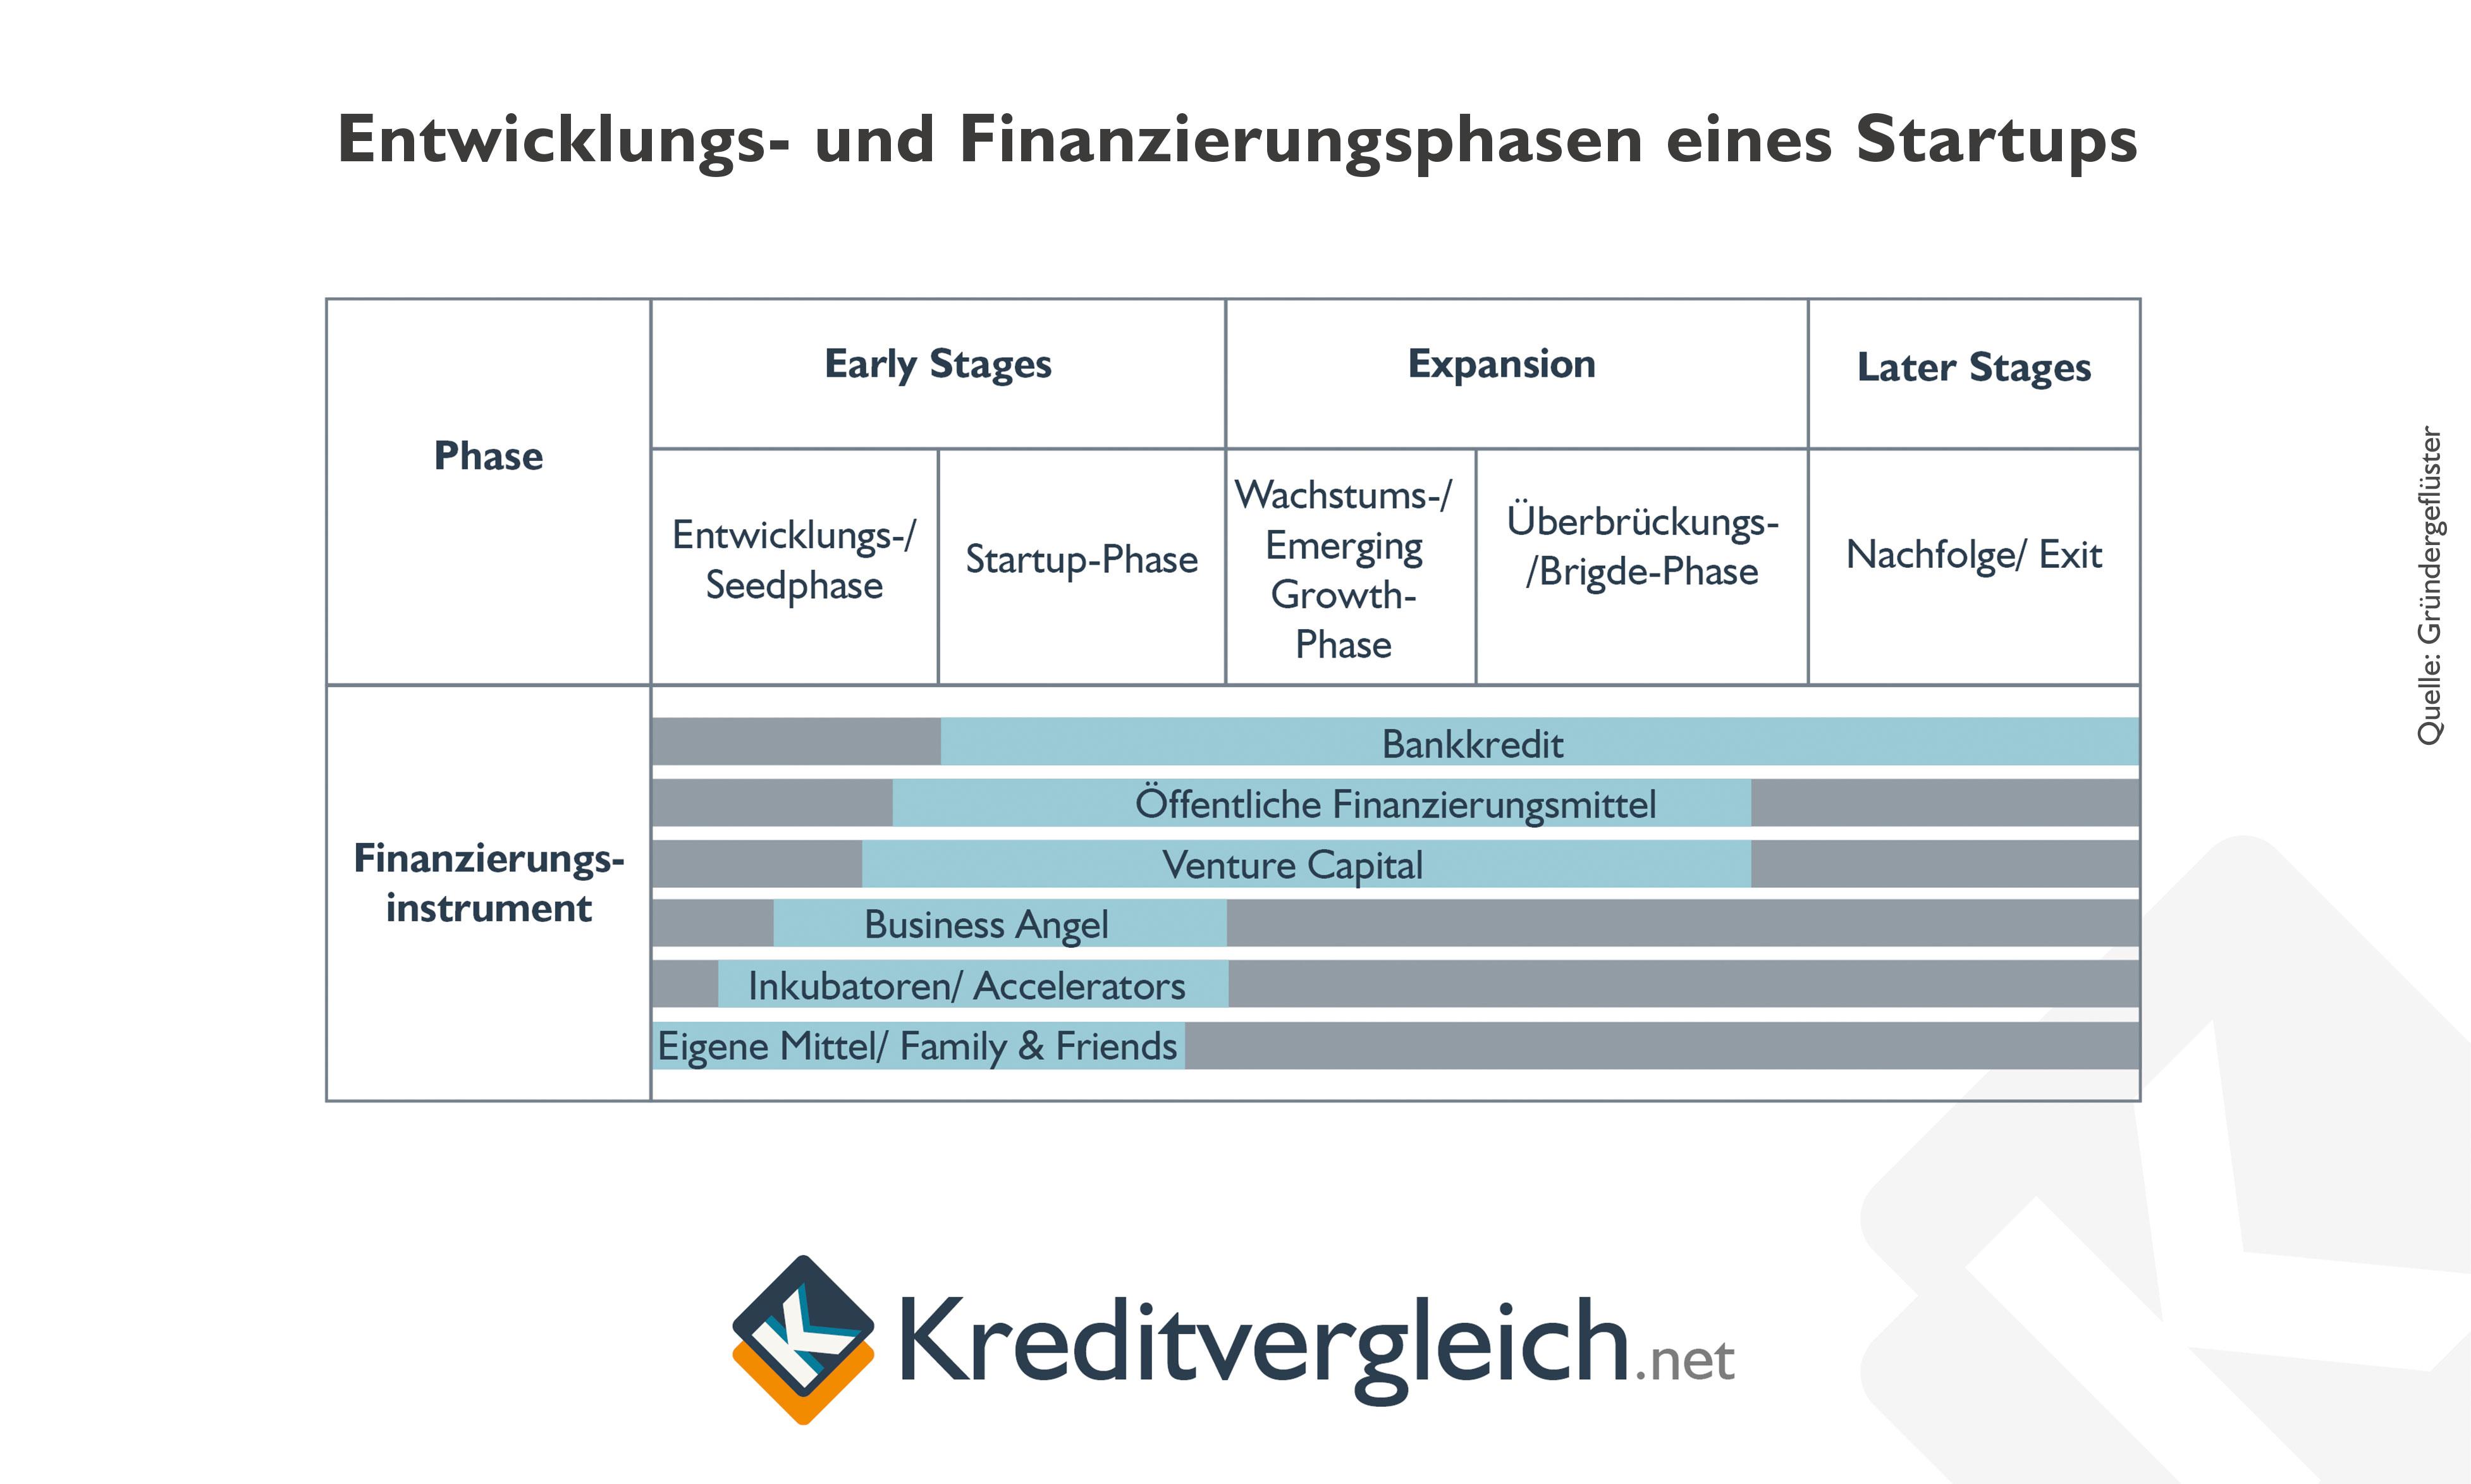 Entwicklungs- und Finanzierungsphasen von Startups